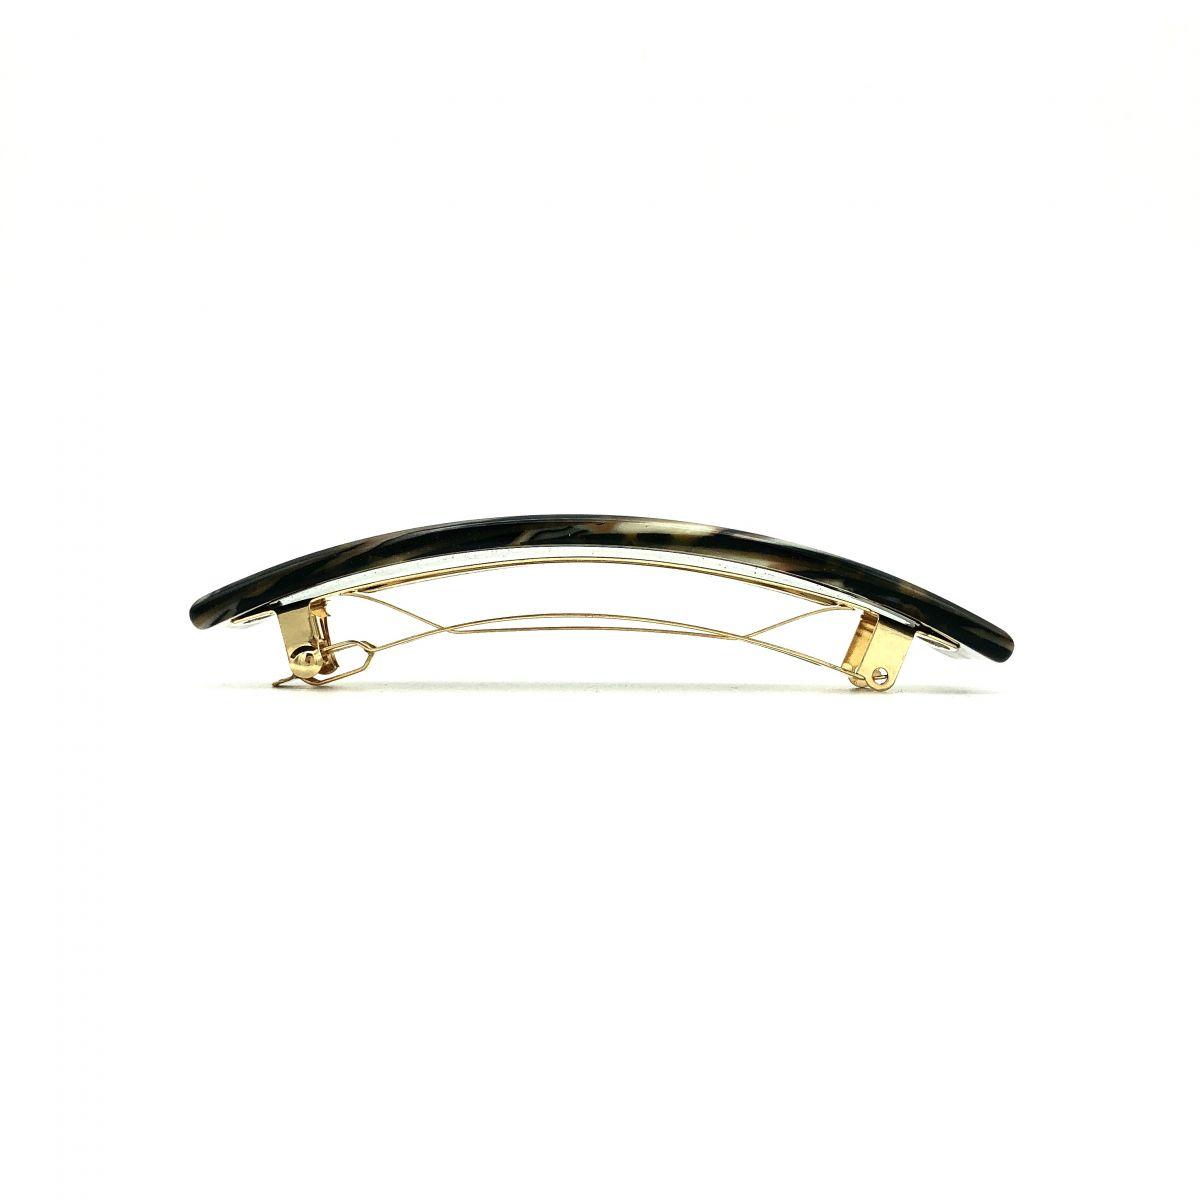 Haarspange gold/schwarz - groß, rechteckig - 10,5 cm